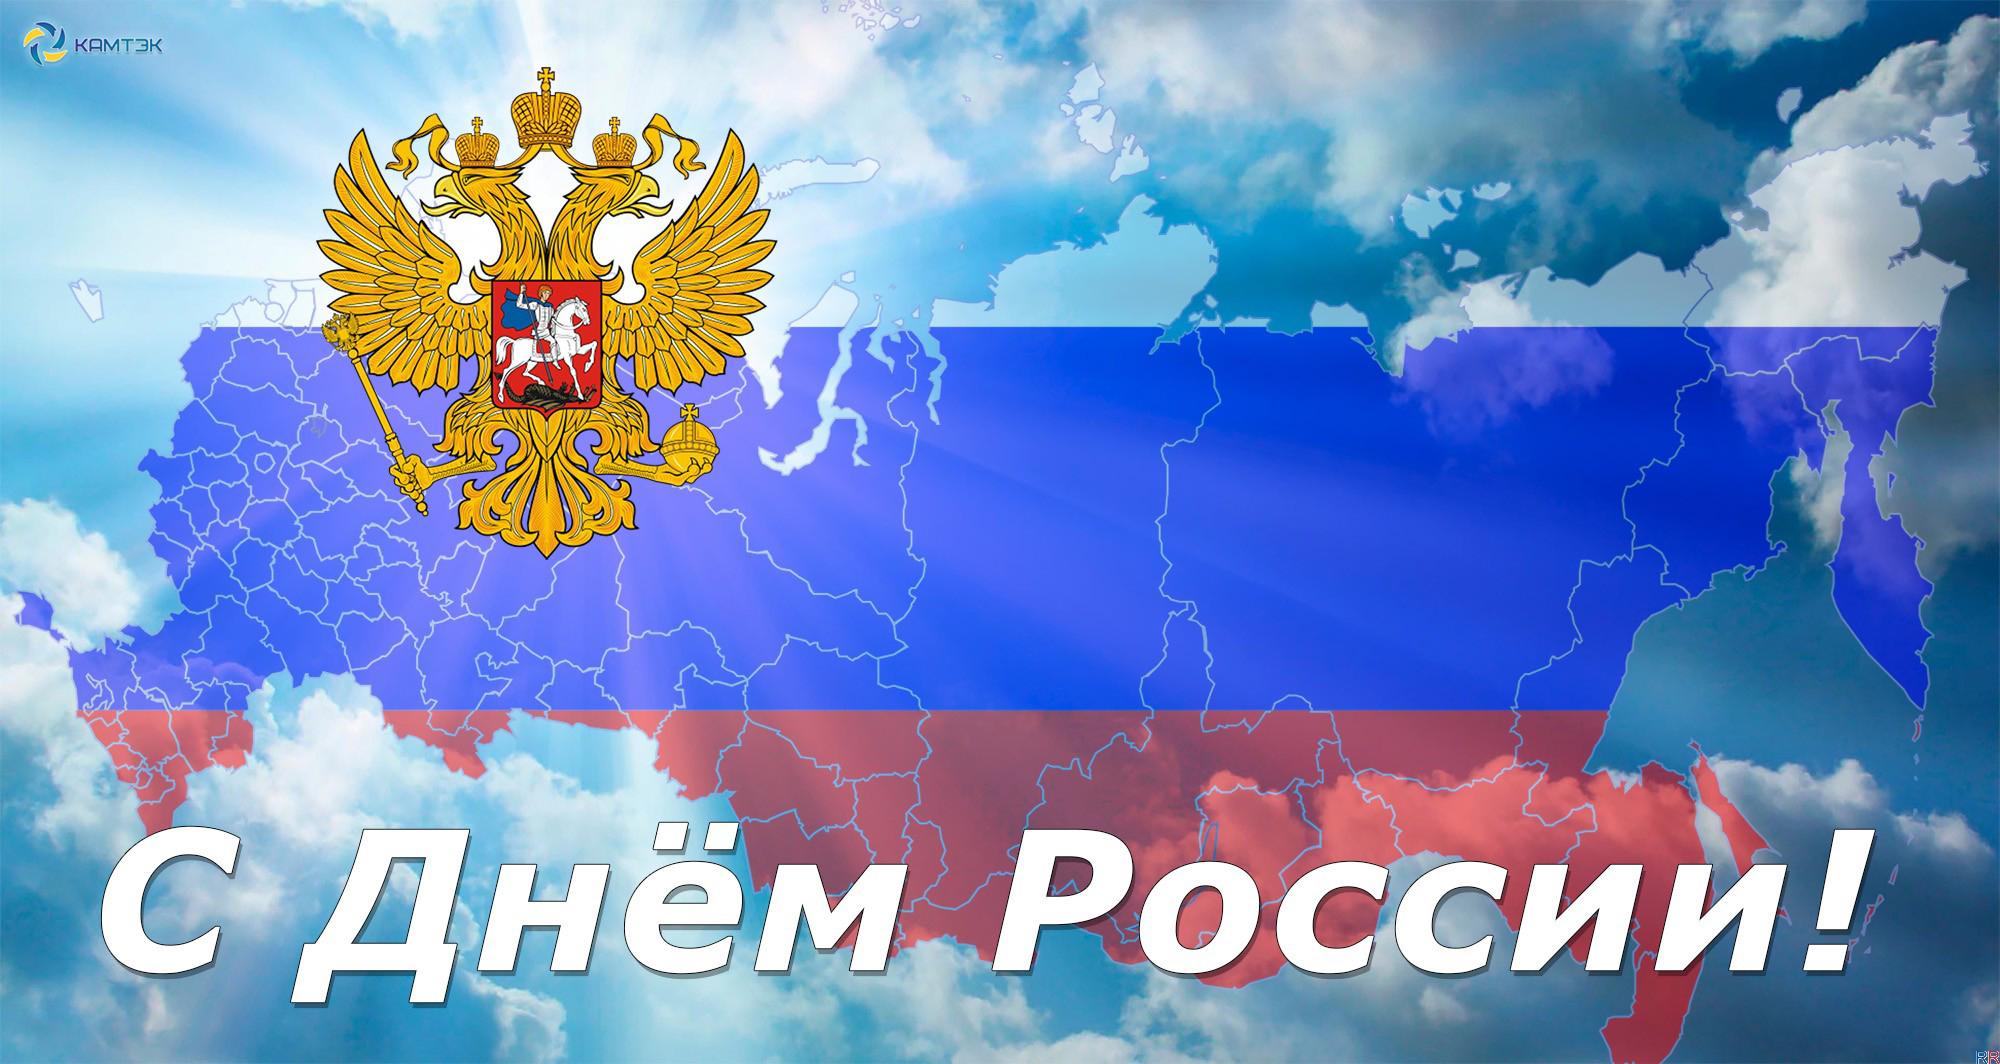 План мероприятий на 15 июня, посвященных Дню России